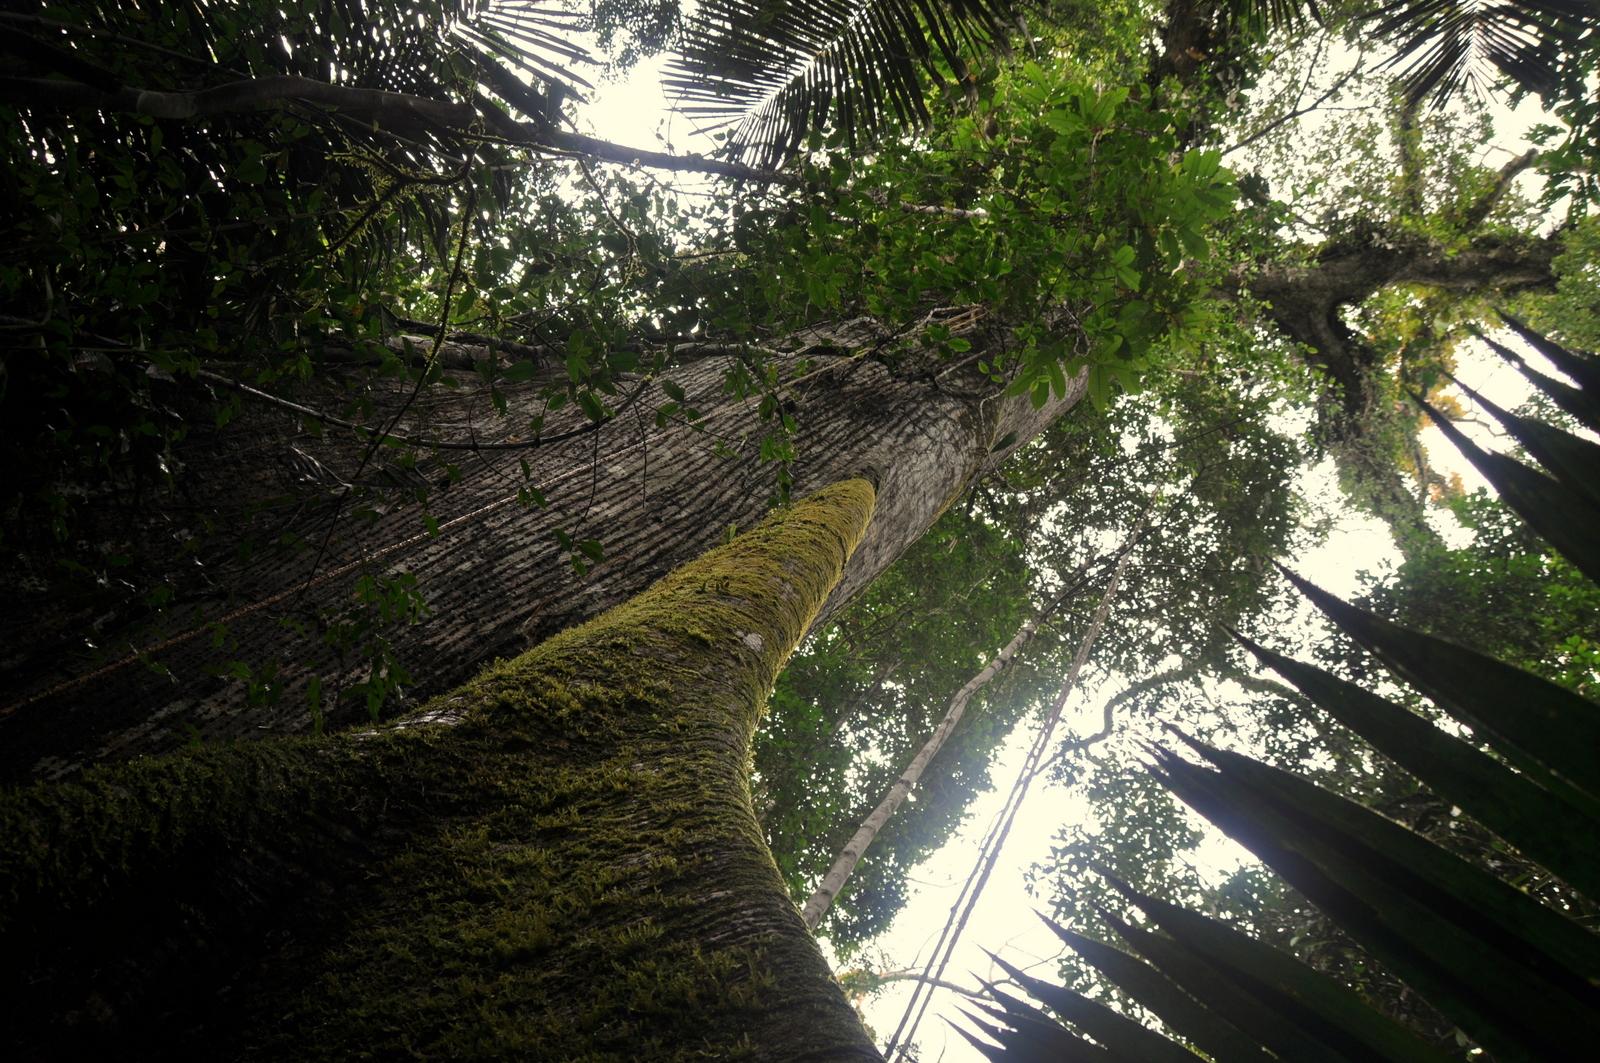 Riesiger Urwaldbaum ca. 200 Jahre alt